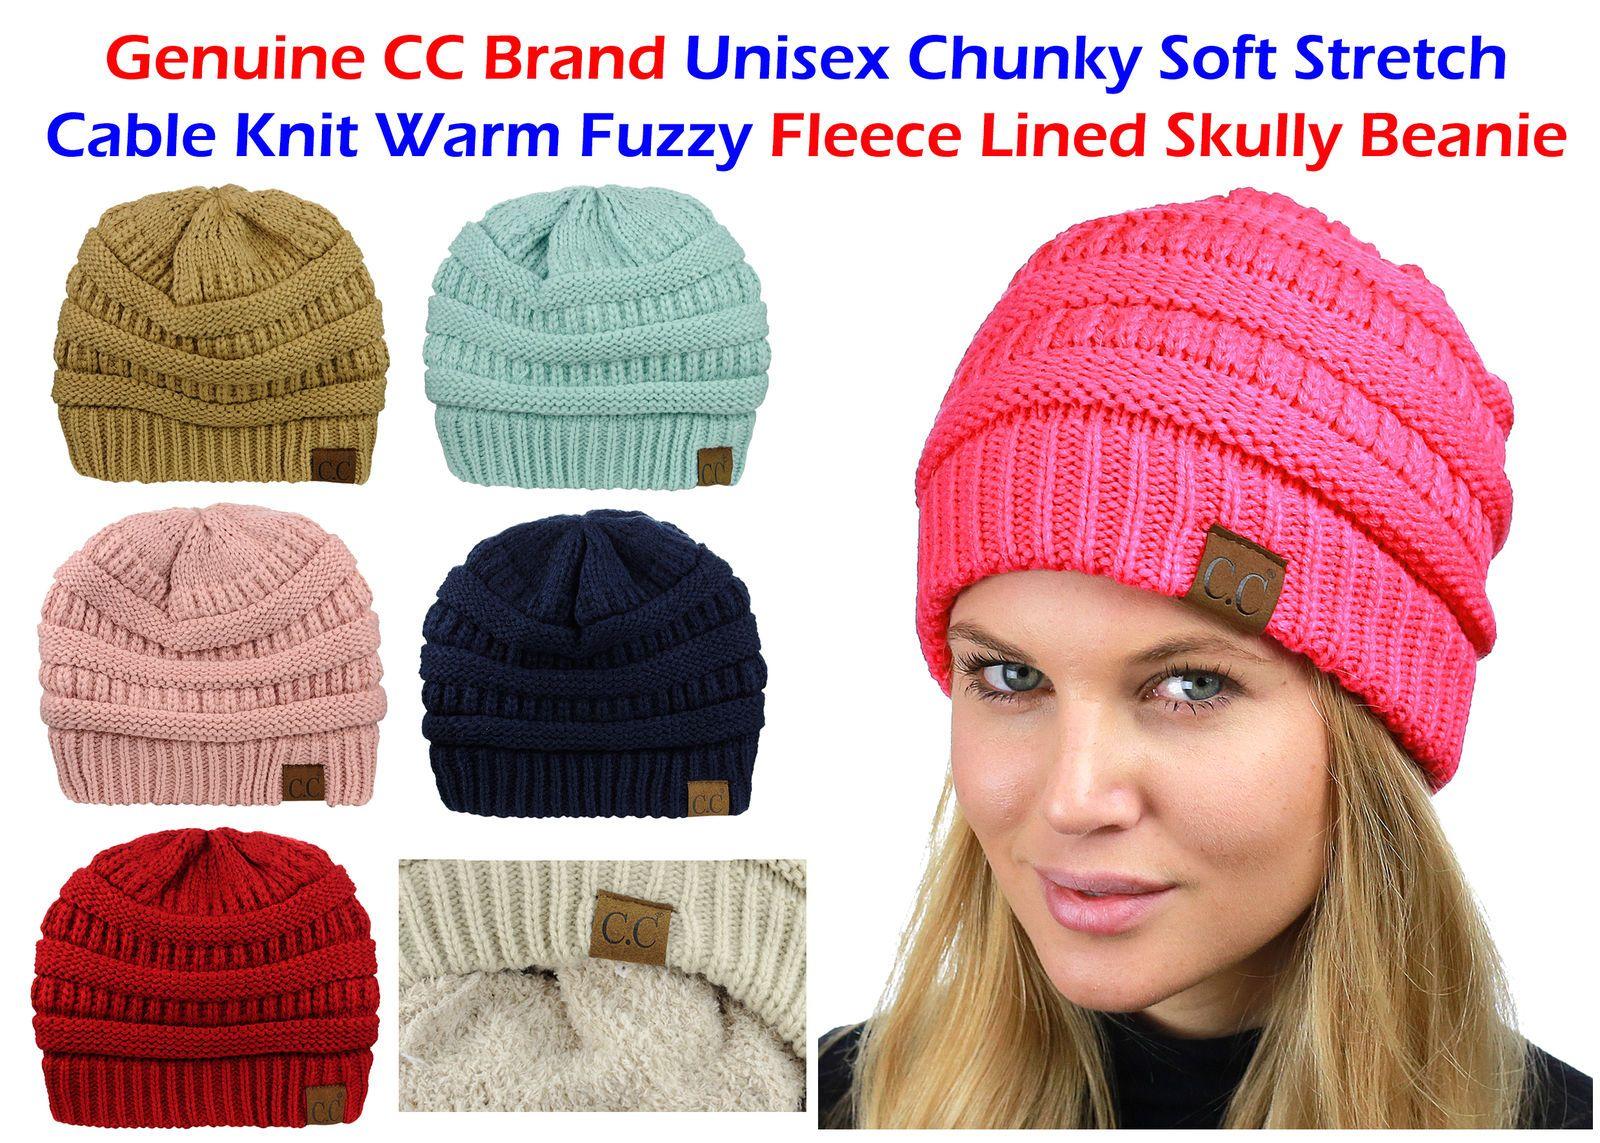 f64943b5639 CC Beanie Women s FLEECE LINED Chunky Soft Stretch Cable Knit Warm Fuzzy  Beanie